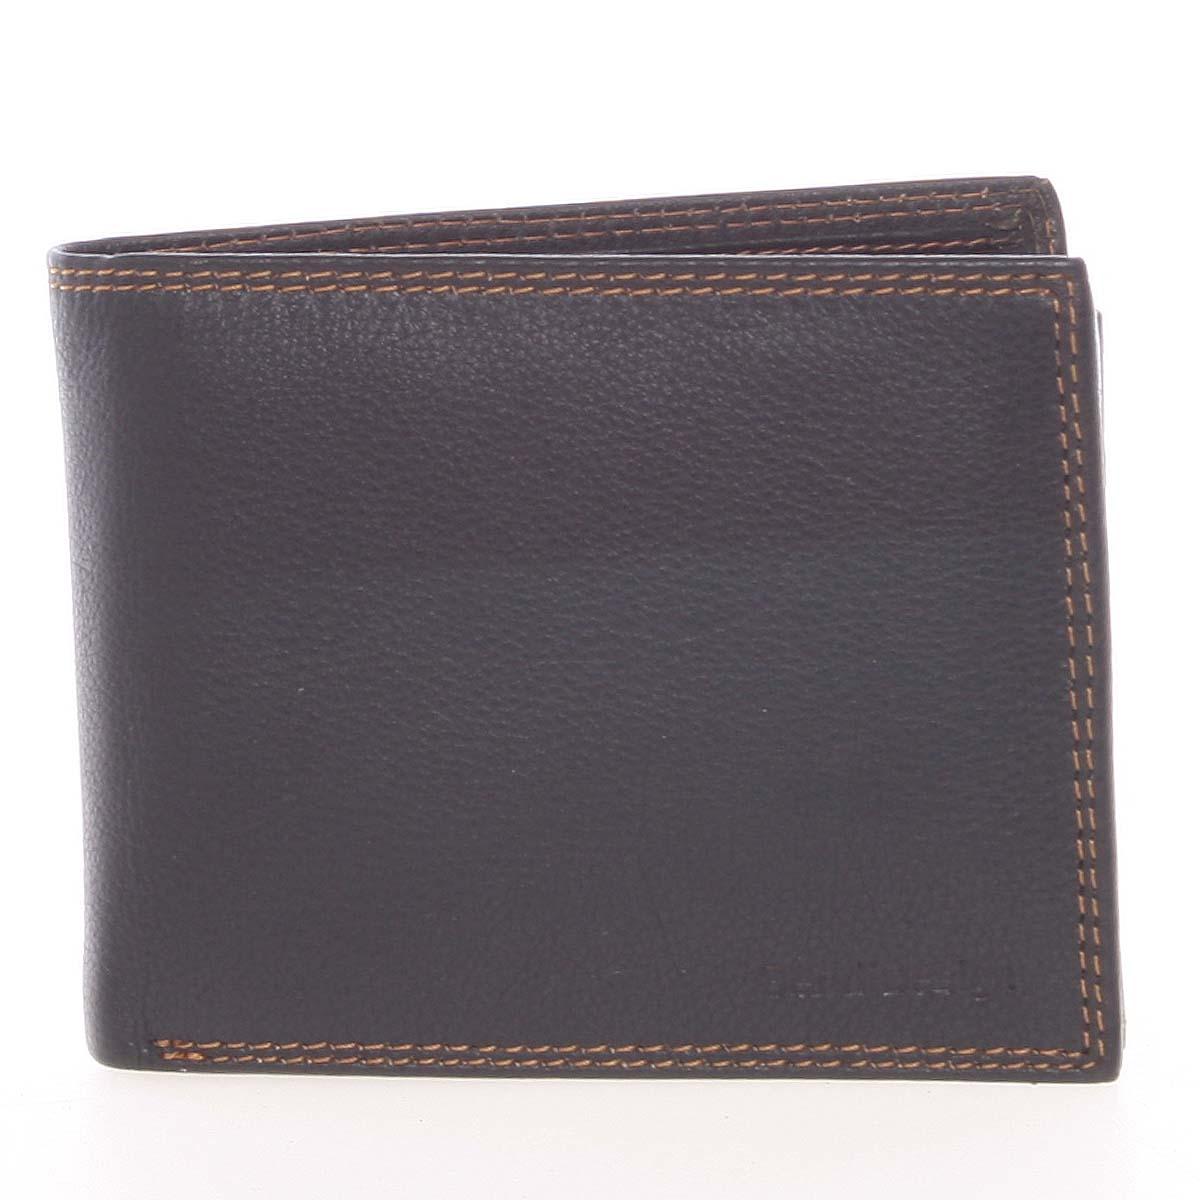 Kvalitní pánská kožená černá volná peněženka - SendiDesign Sabastian